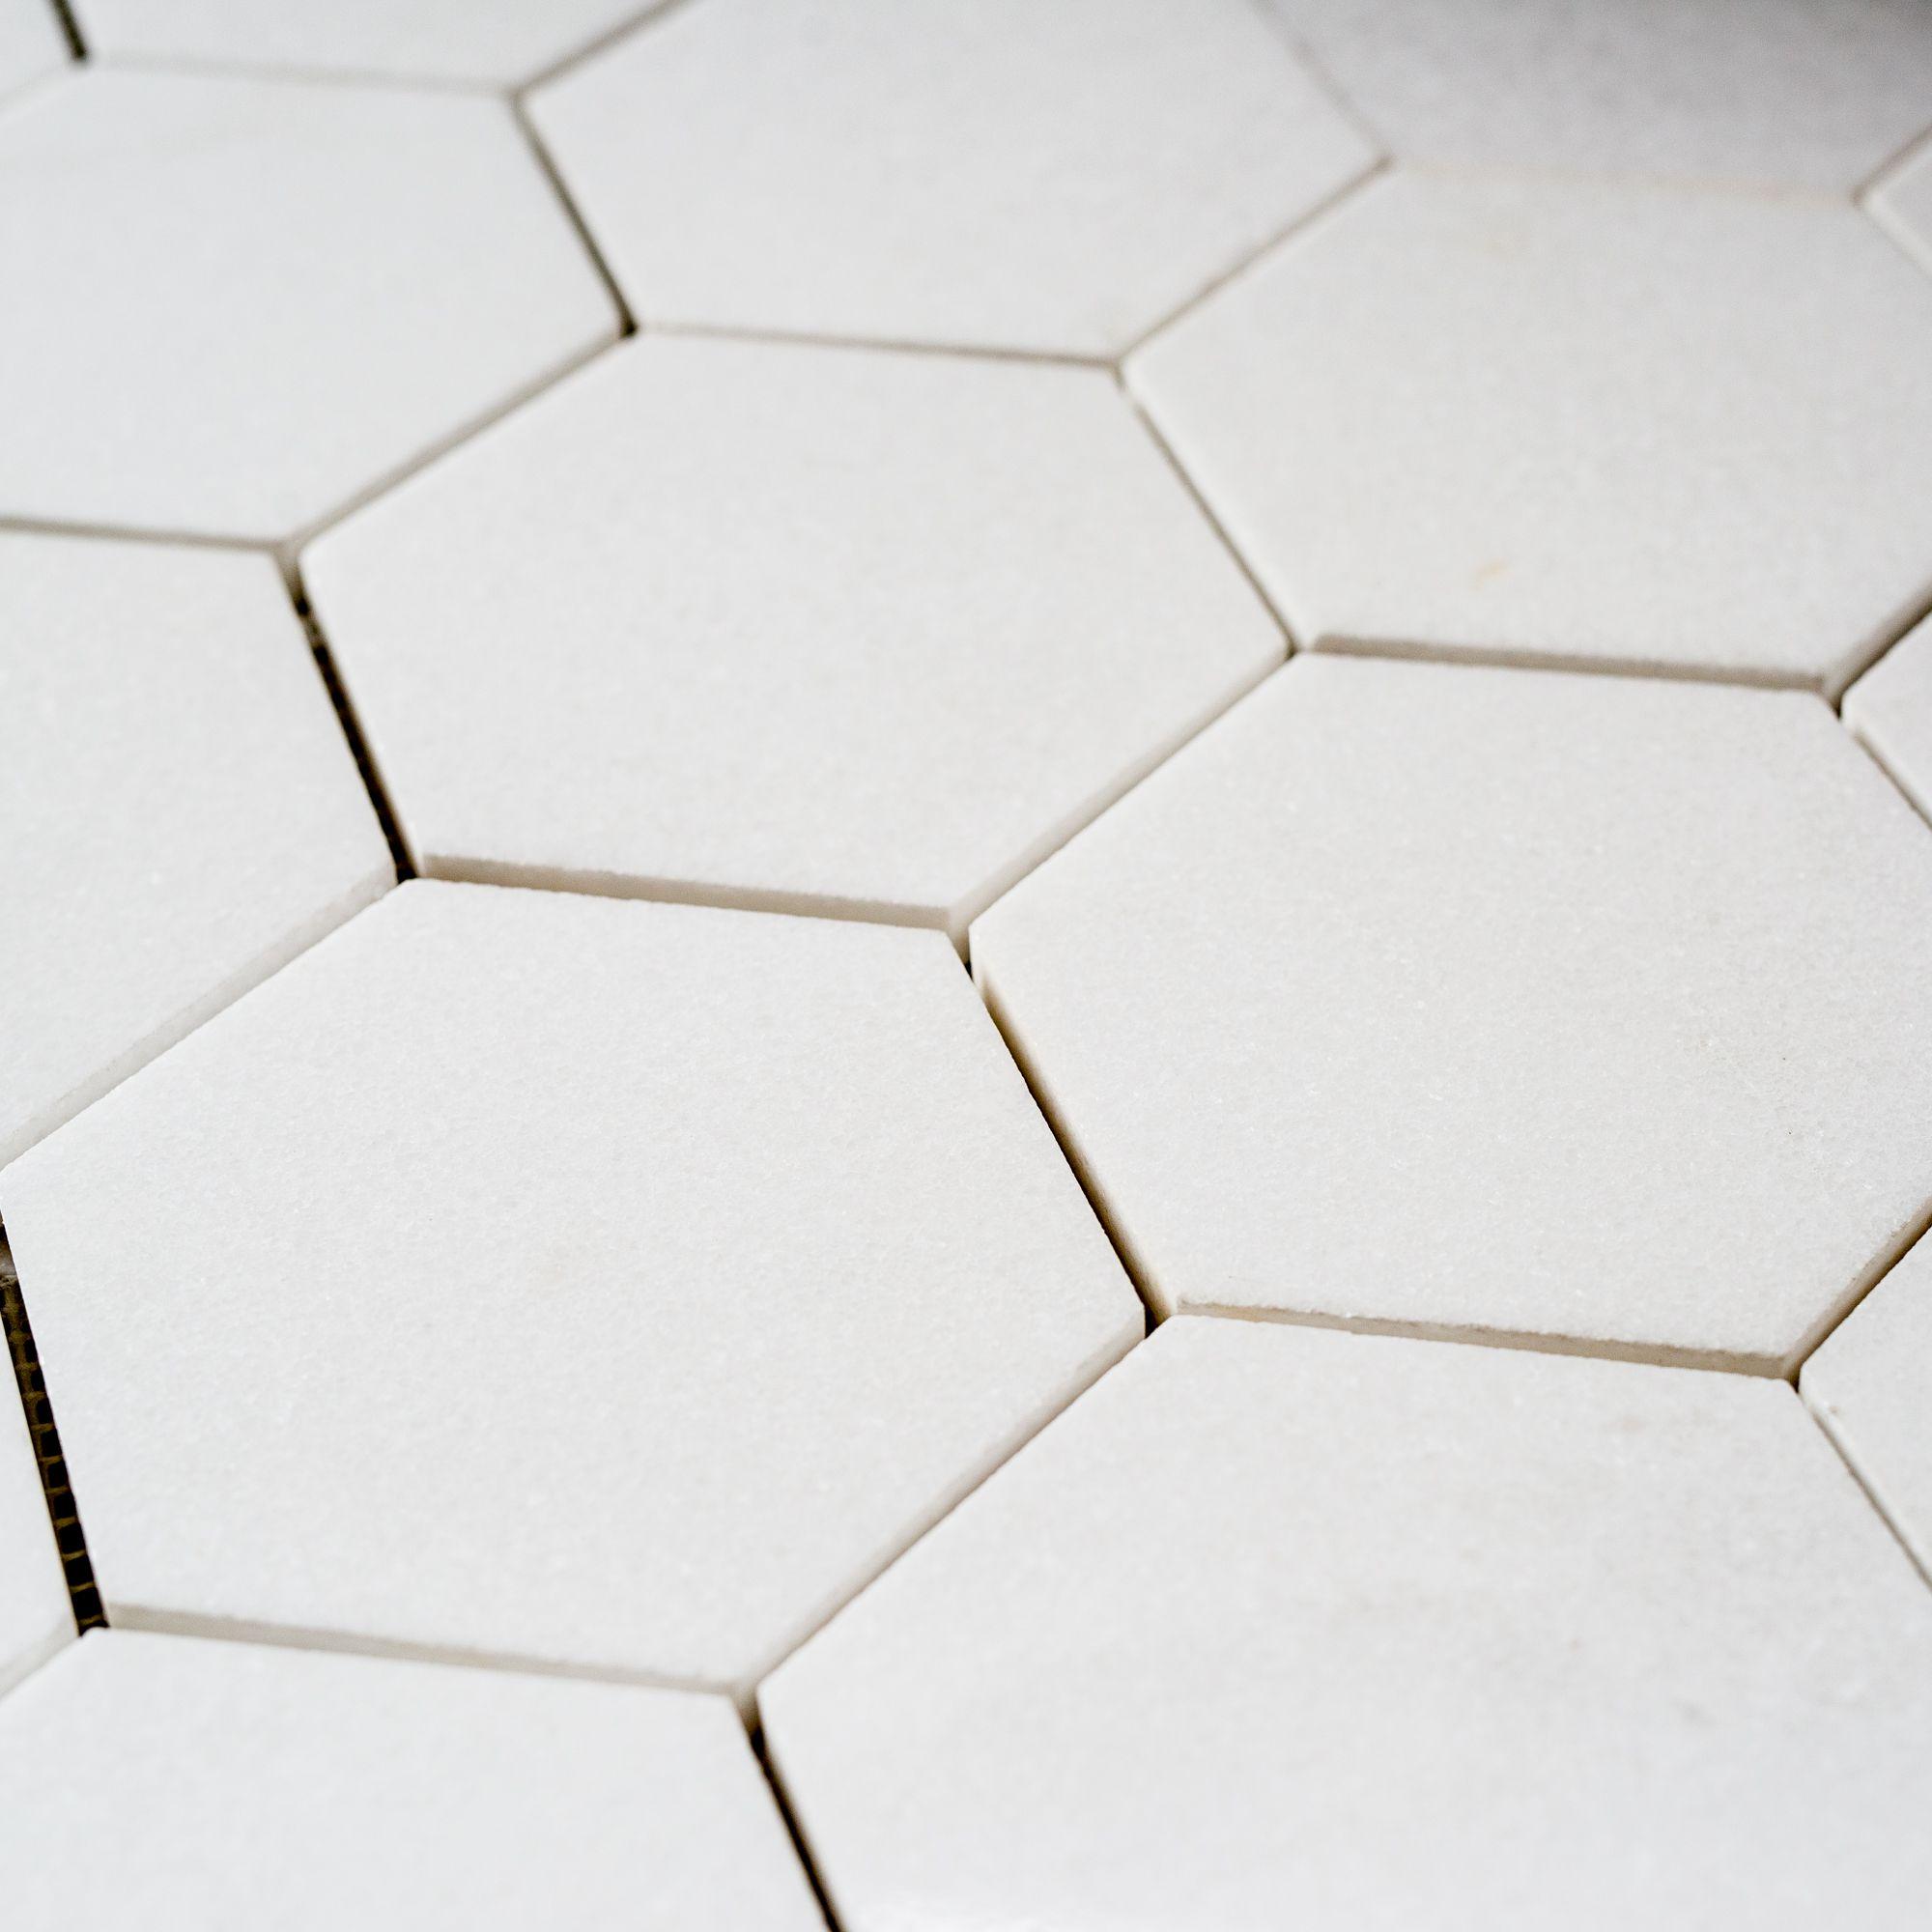 mozaic-thassos-hexagon-2